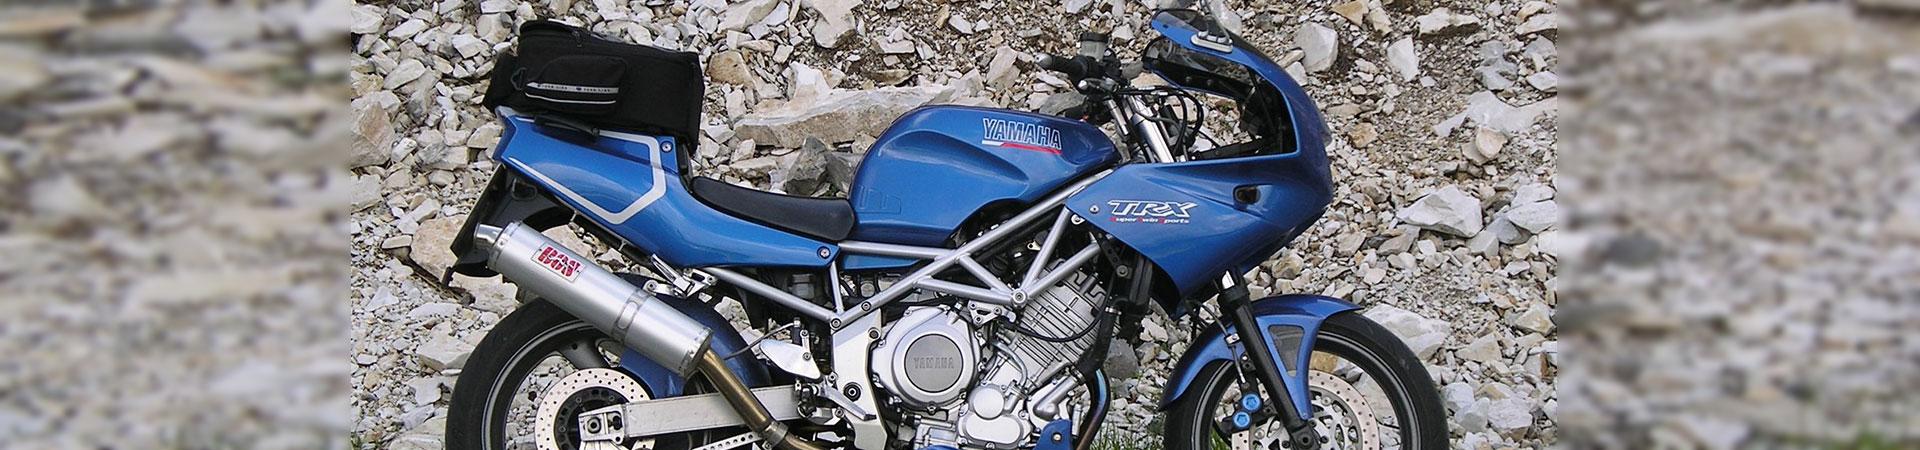 Yamaha-TRX850